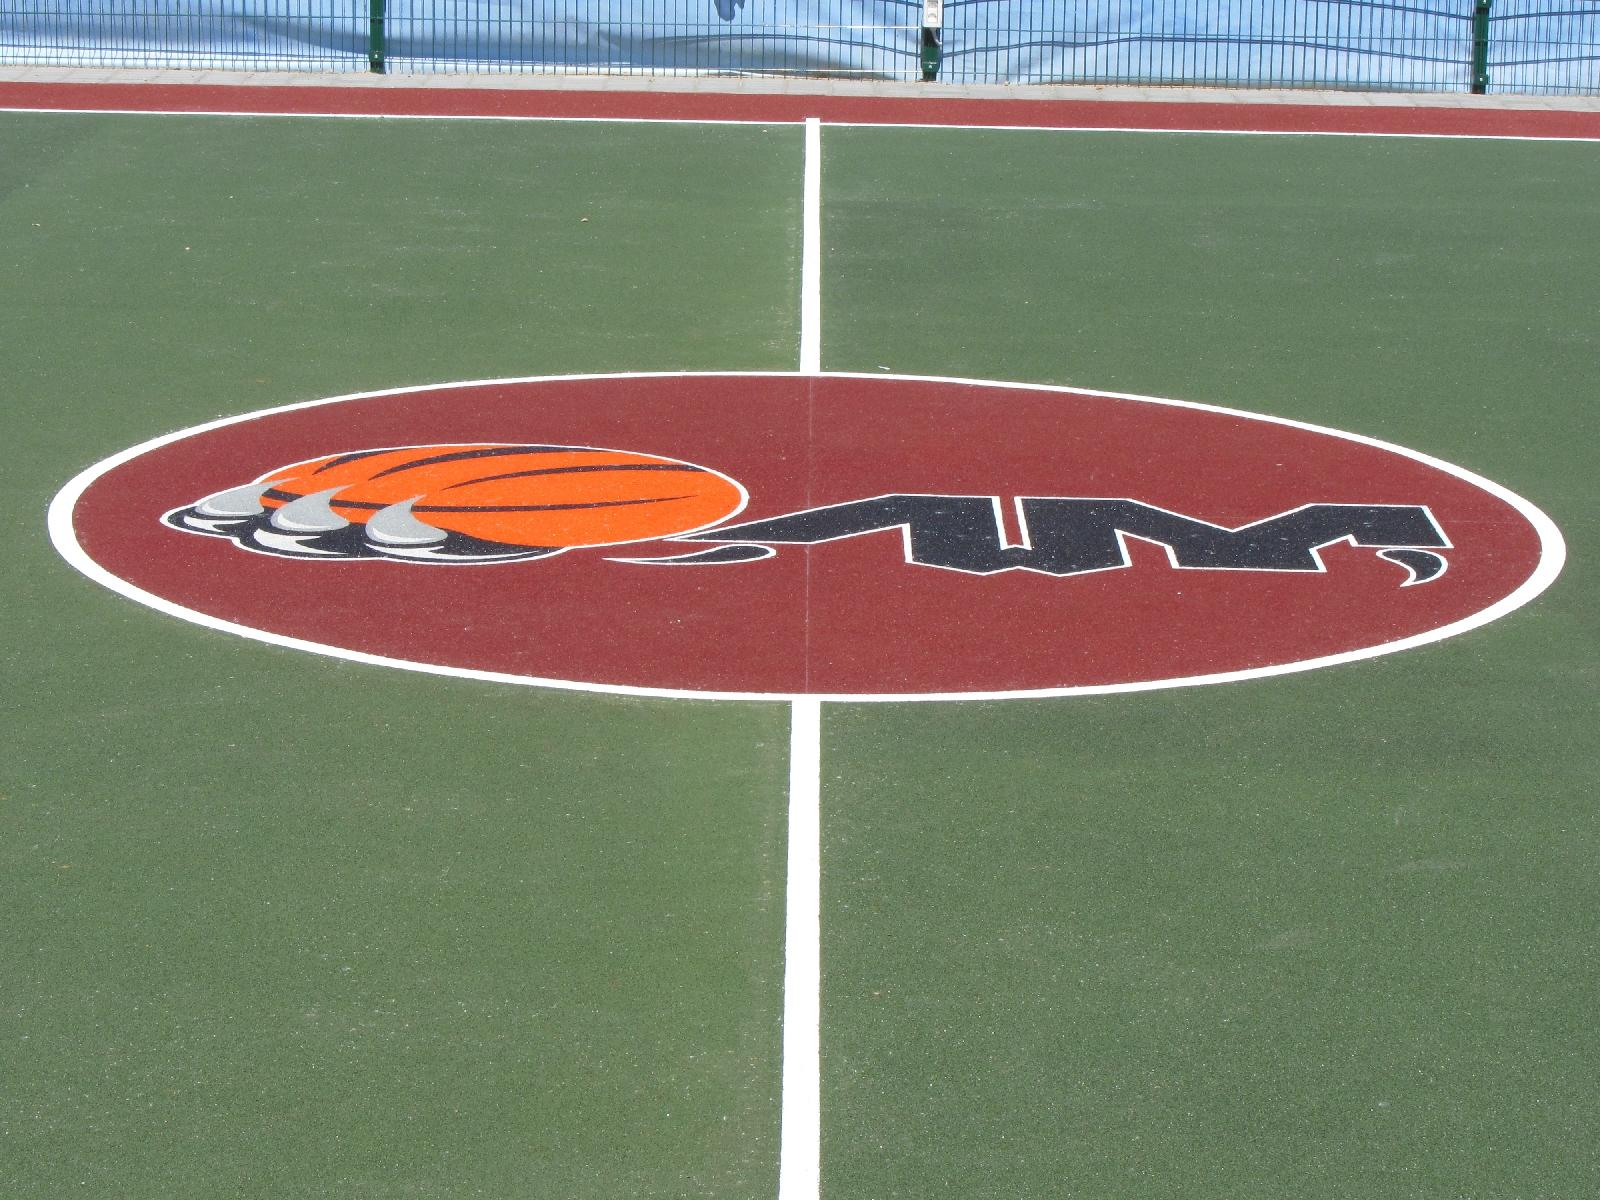 Киев, баскетбольная площадка в Гидропарке